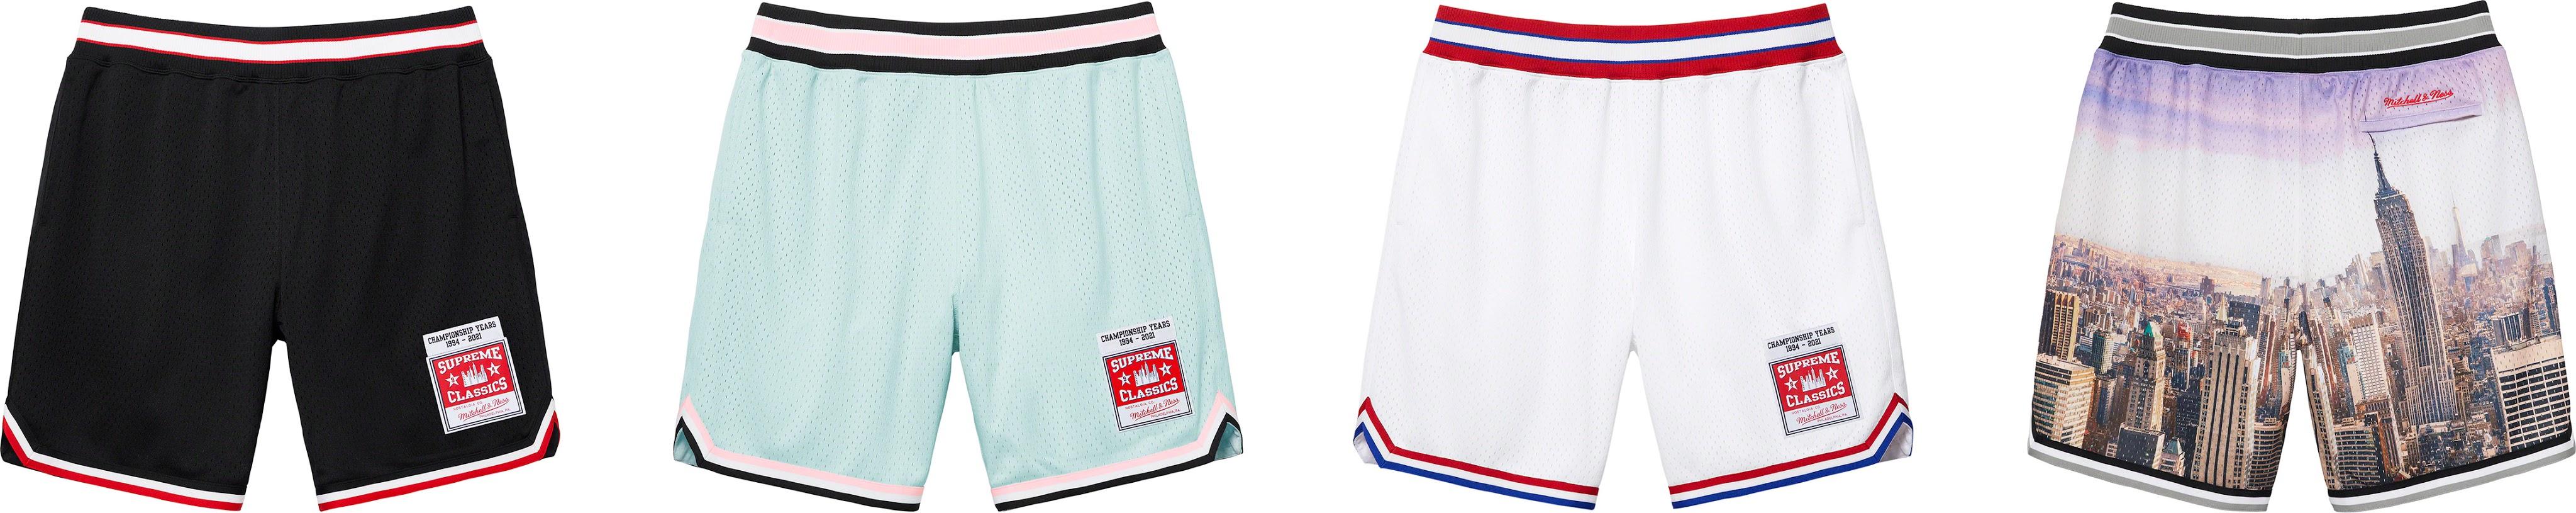 シュプリーム 2021年 春夏 新作 パンツ ショーツ Supreme 2021ss pants shorts 一覧 Supreme/Mitchell & Ness Basketball Short